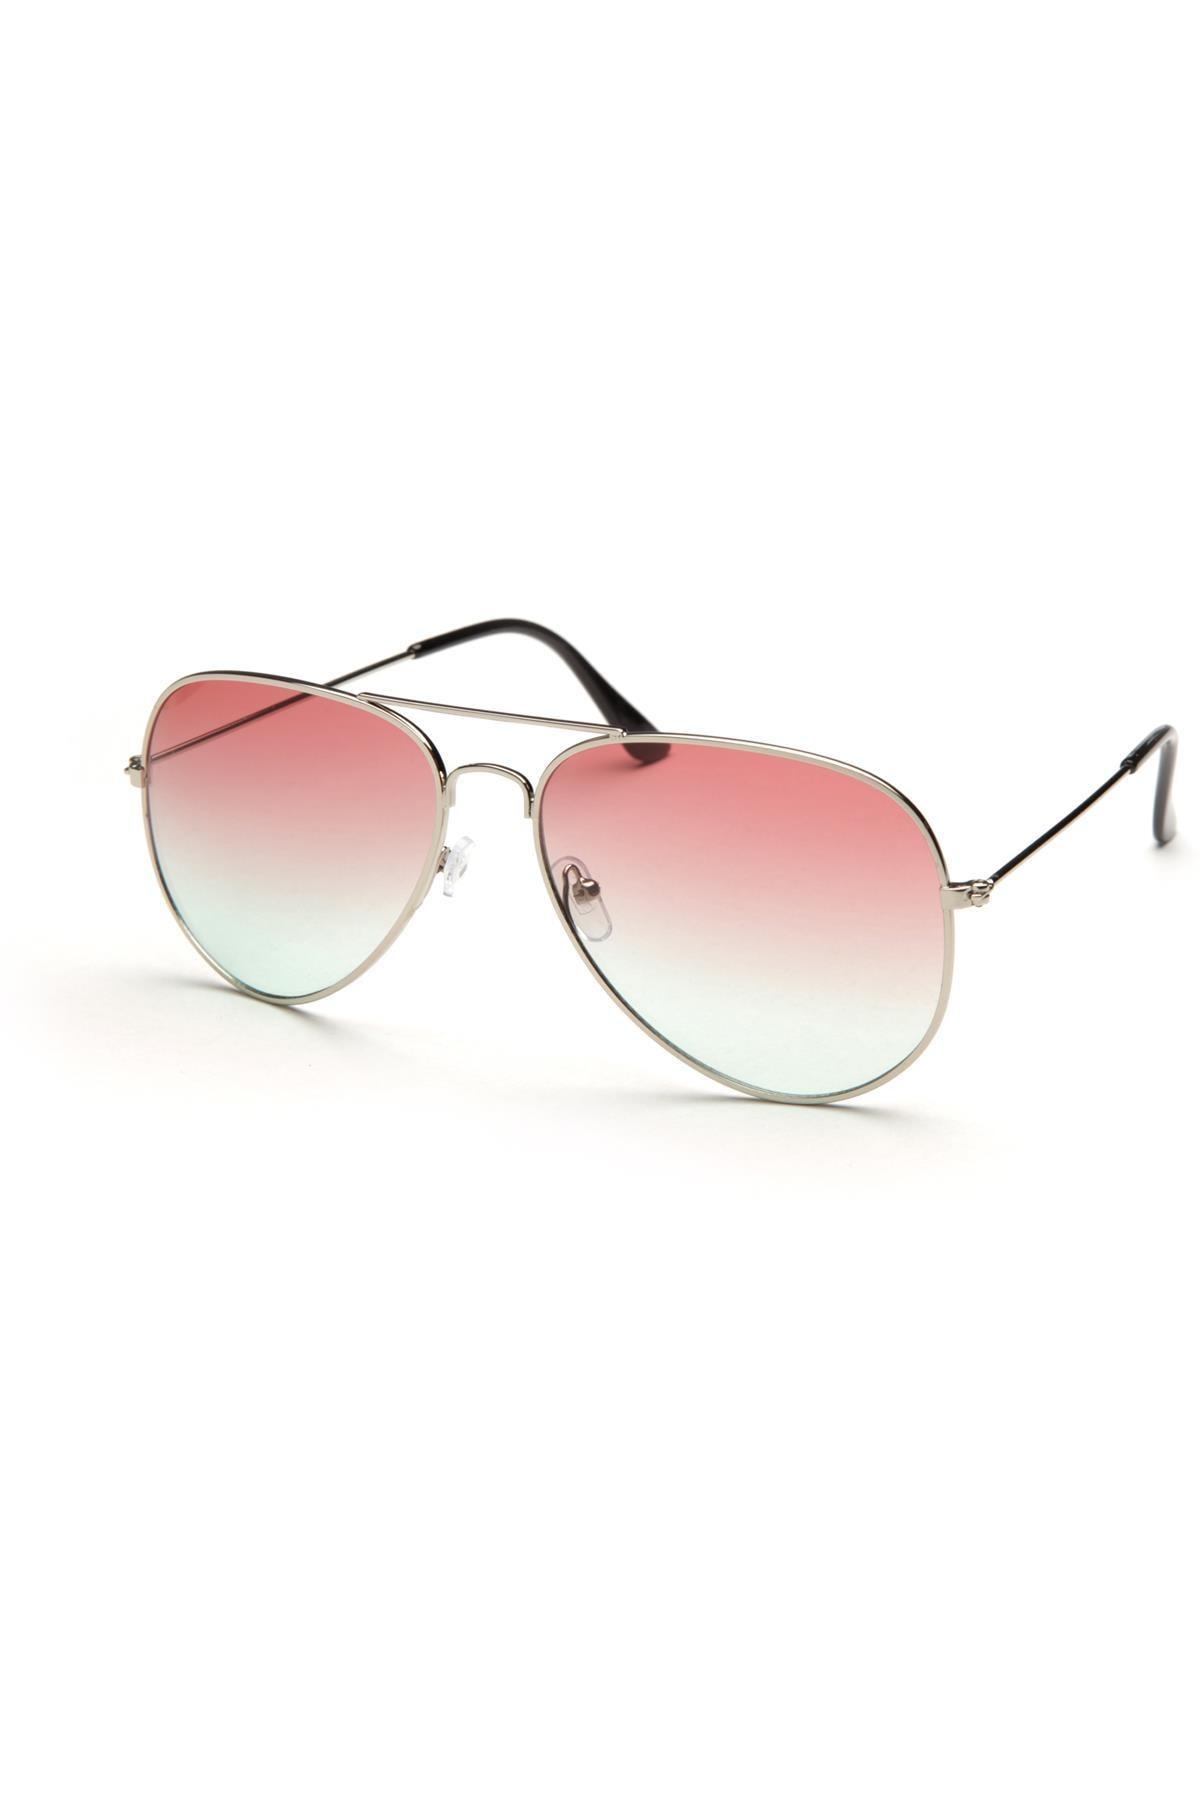 Di Caprio Kadın Oval Güneş Gözlüğü DH1548L